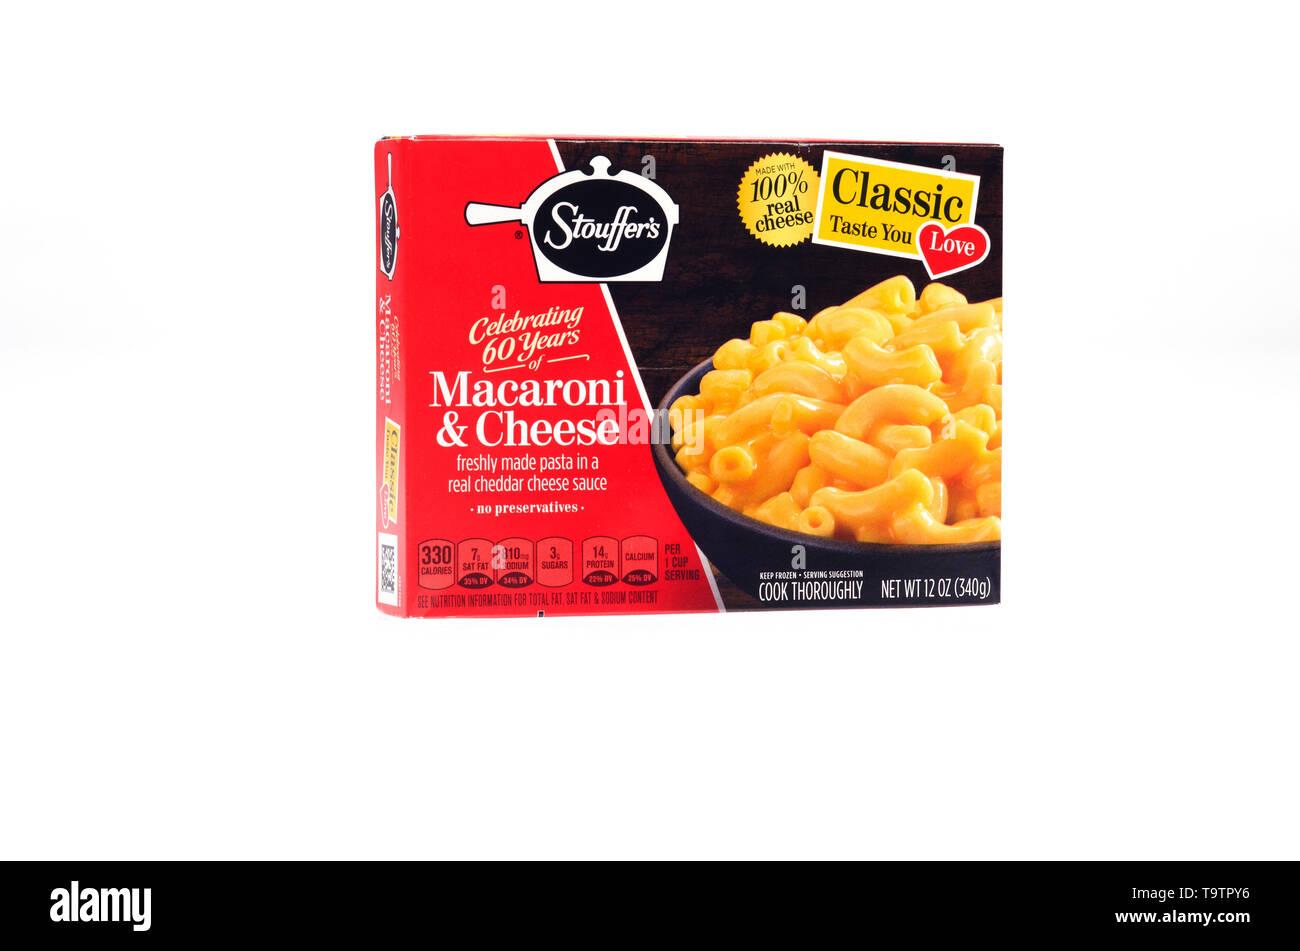 Stouffer's Classic Macaroni & Cheese frozen food box - Stock Image